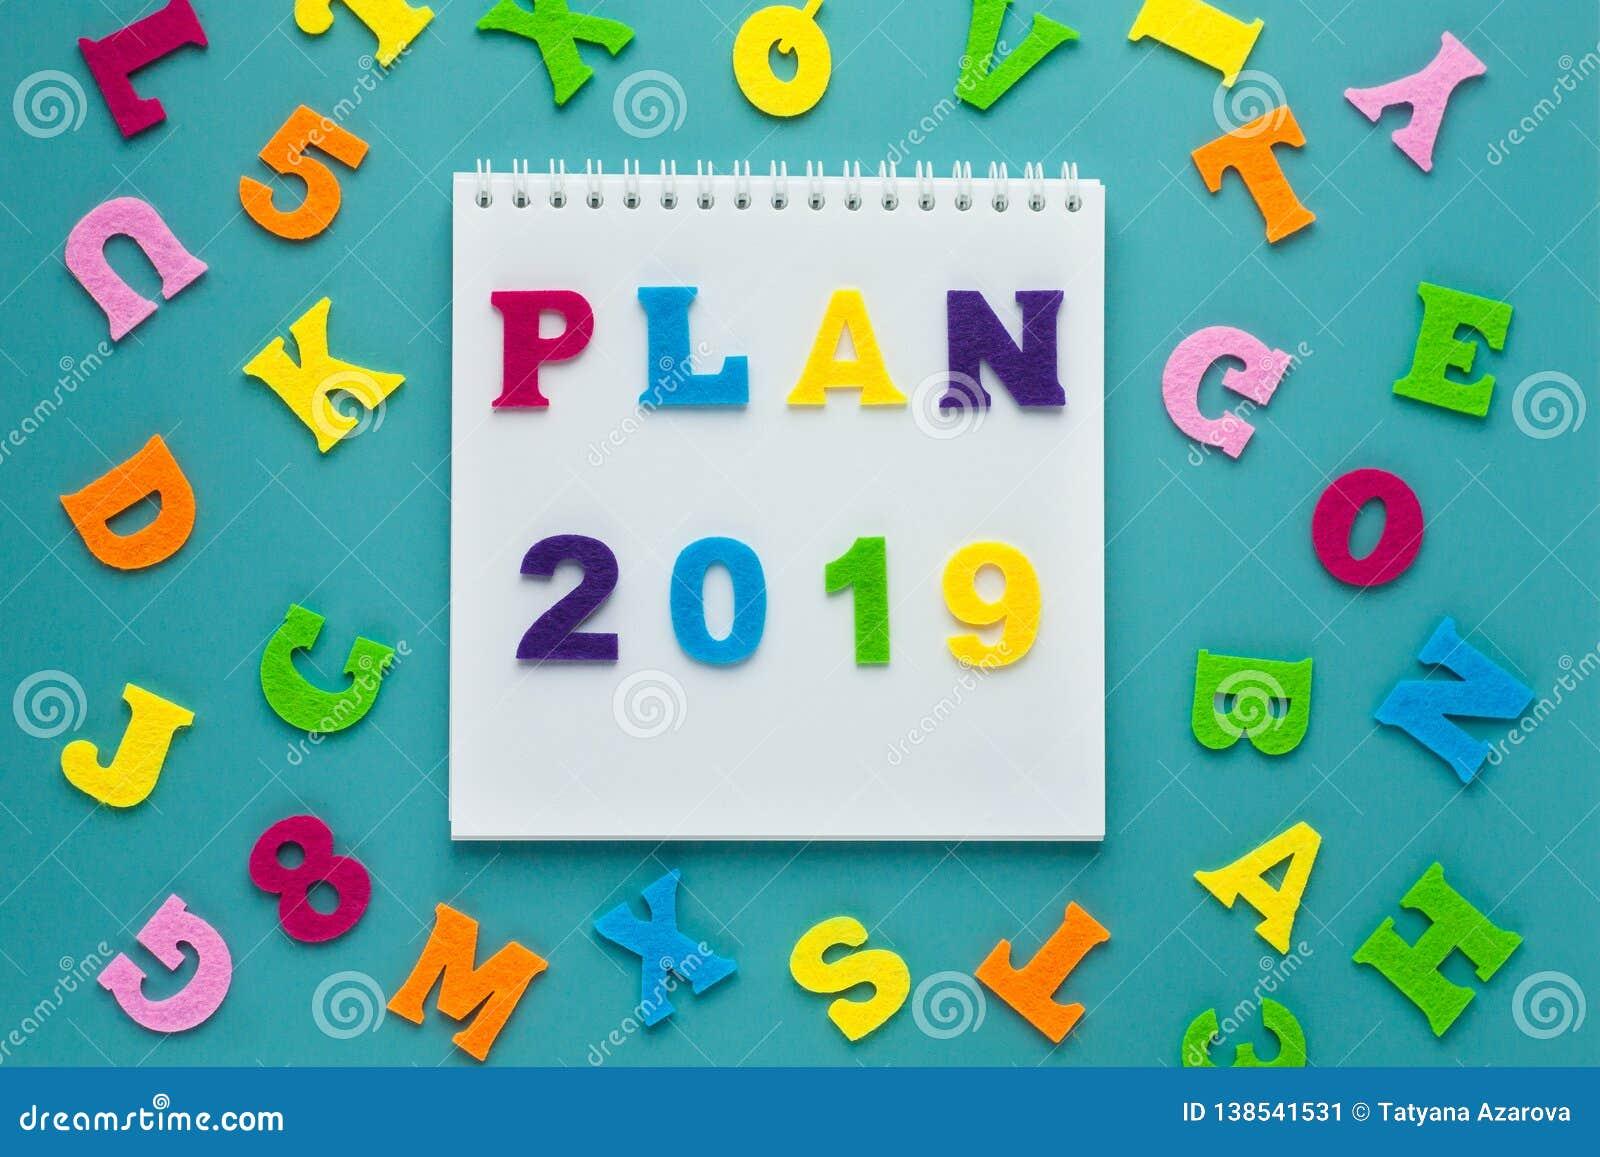 Plano 2019 da inscrição no fundo azul Planeamento futuro Projeto do estilo de vida Conceito da estratégia empresarial Conceito da